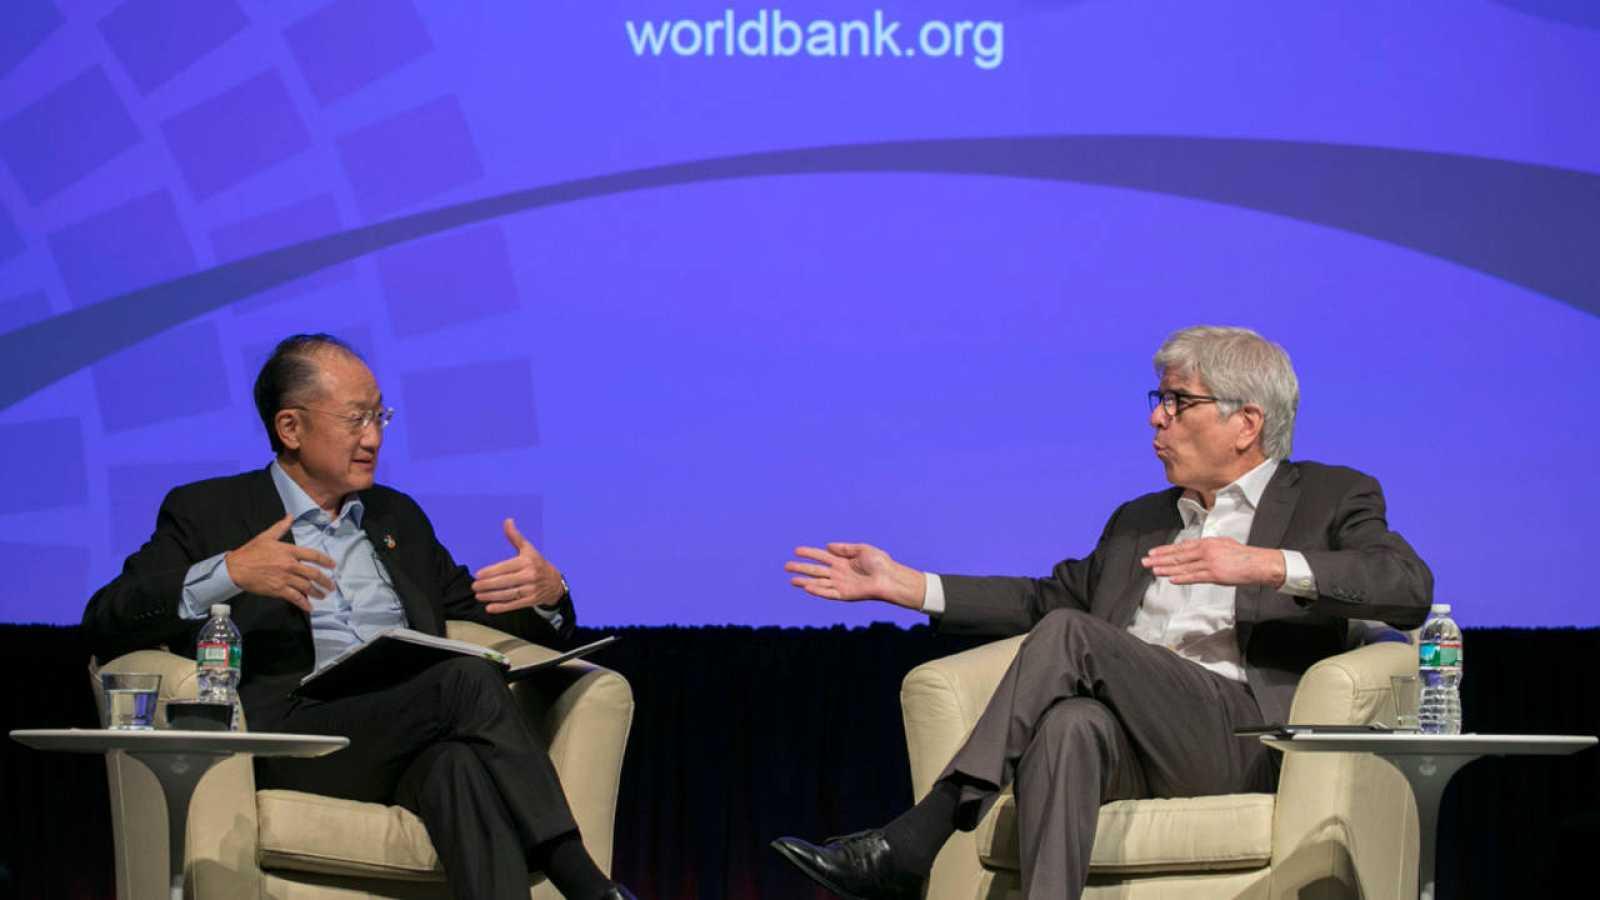 El presidente del Banco Mundial, Jim Yong Kim, y el primer economista del Banco Mundial, Paul Romer